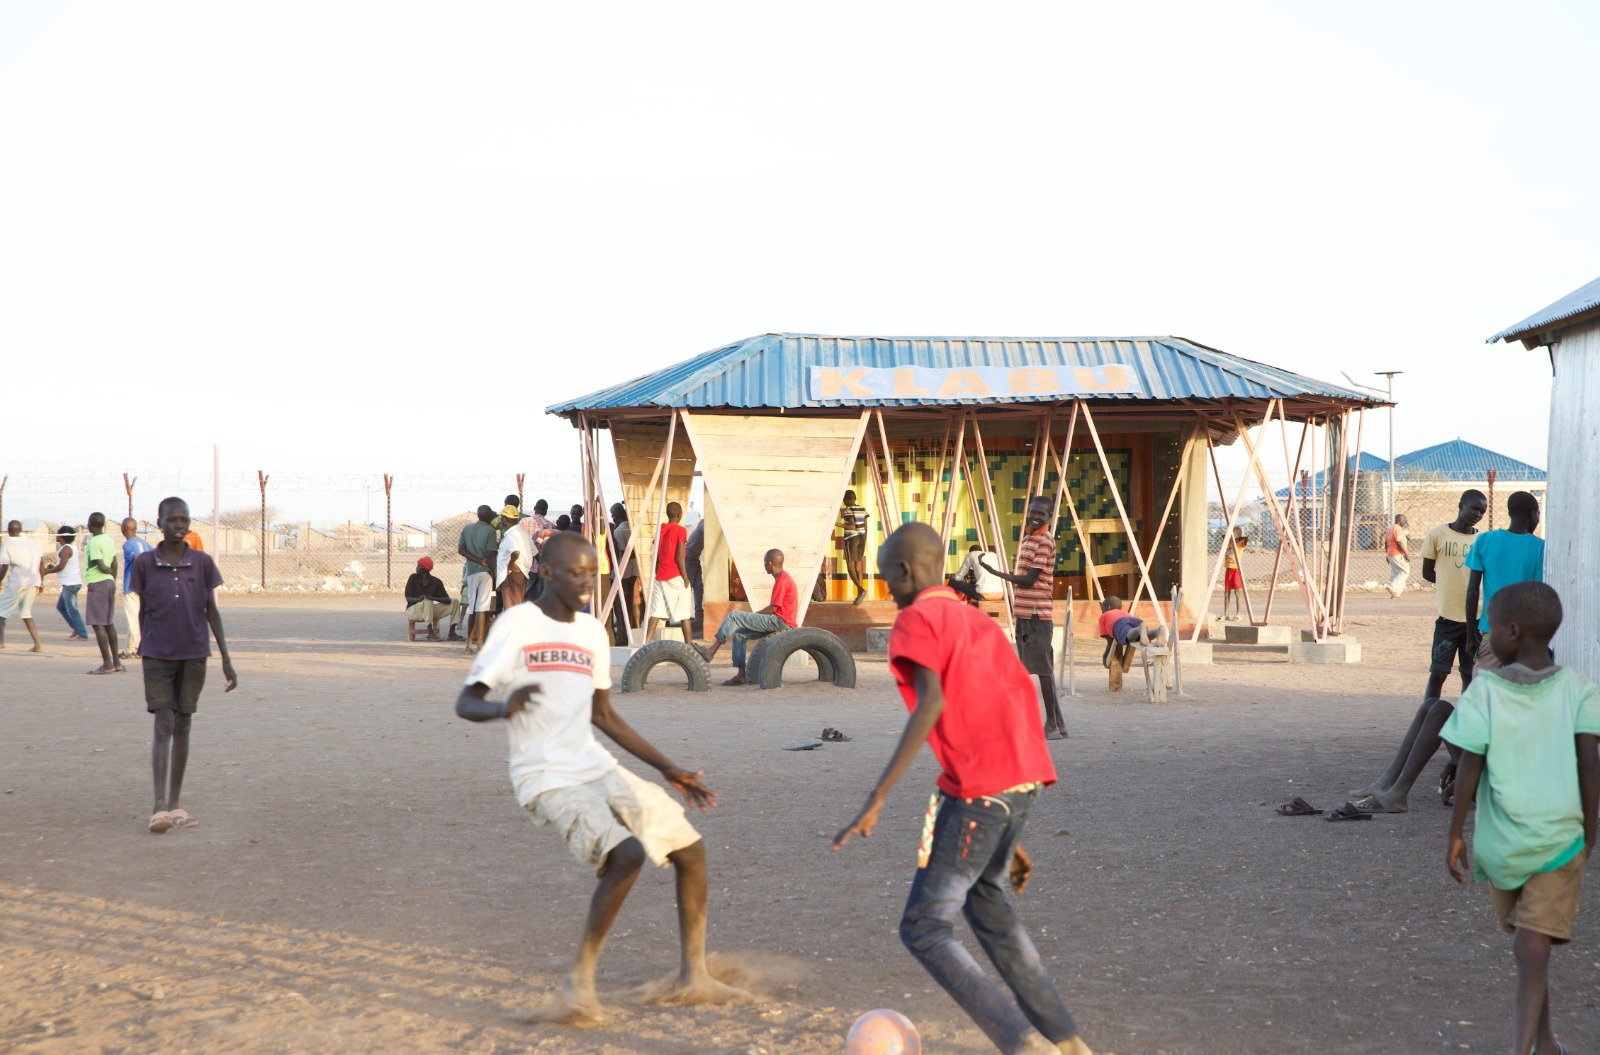 Klabu Sport Club House at Kallobeyei settlement village 1, Kenya